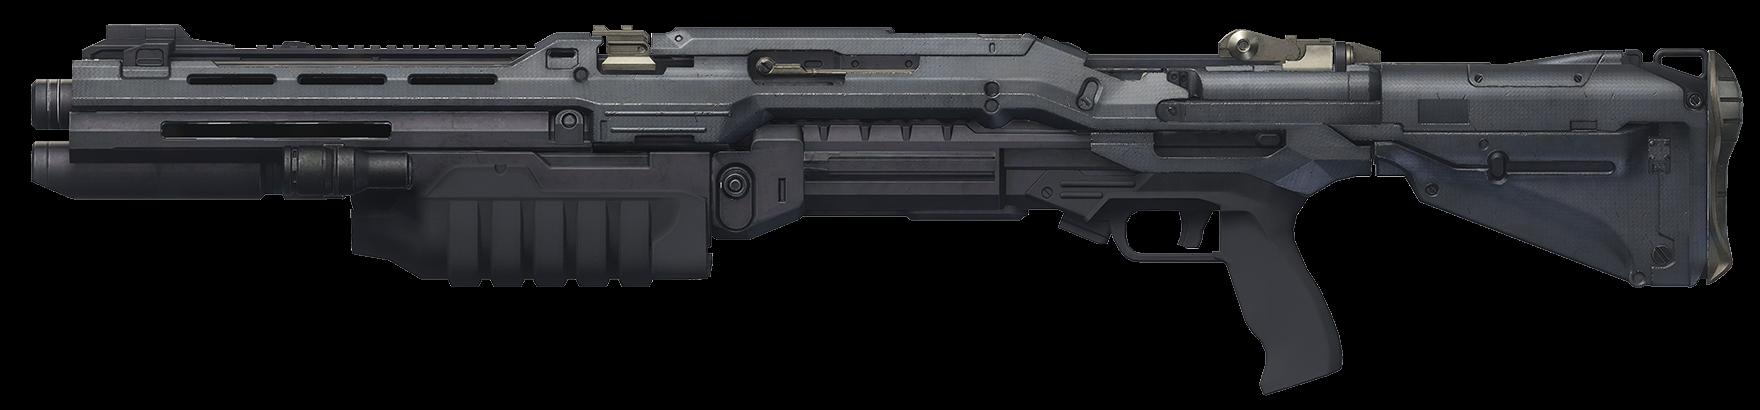 「M45D」の画像検索結果